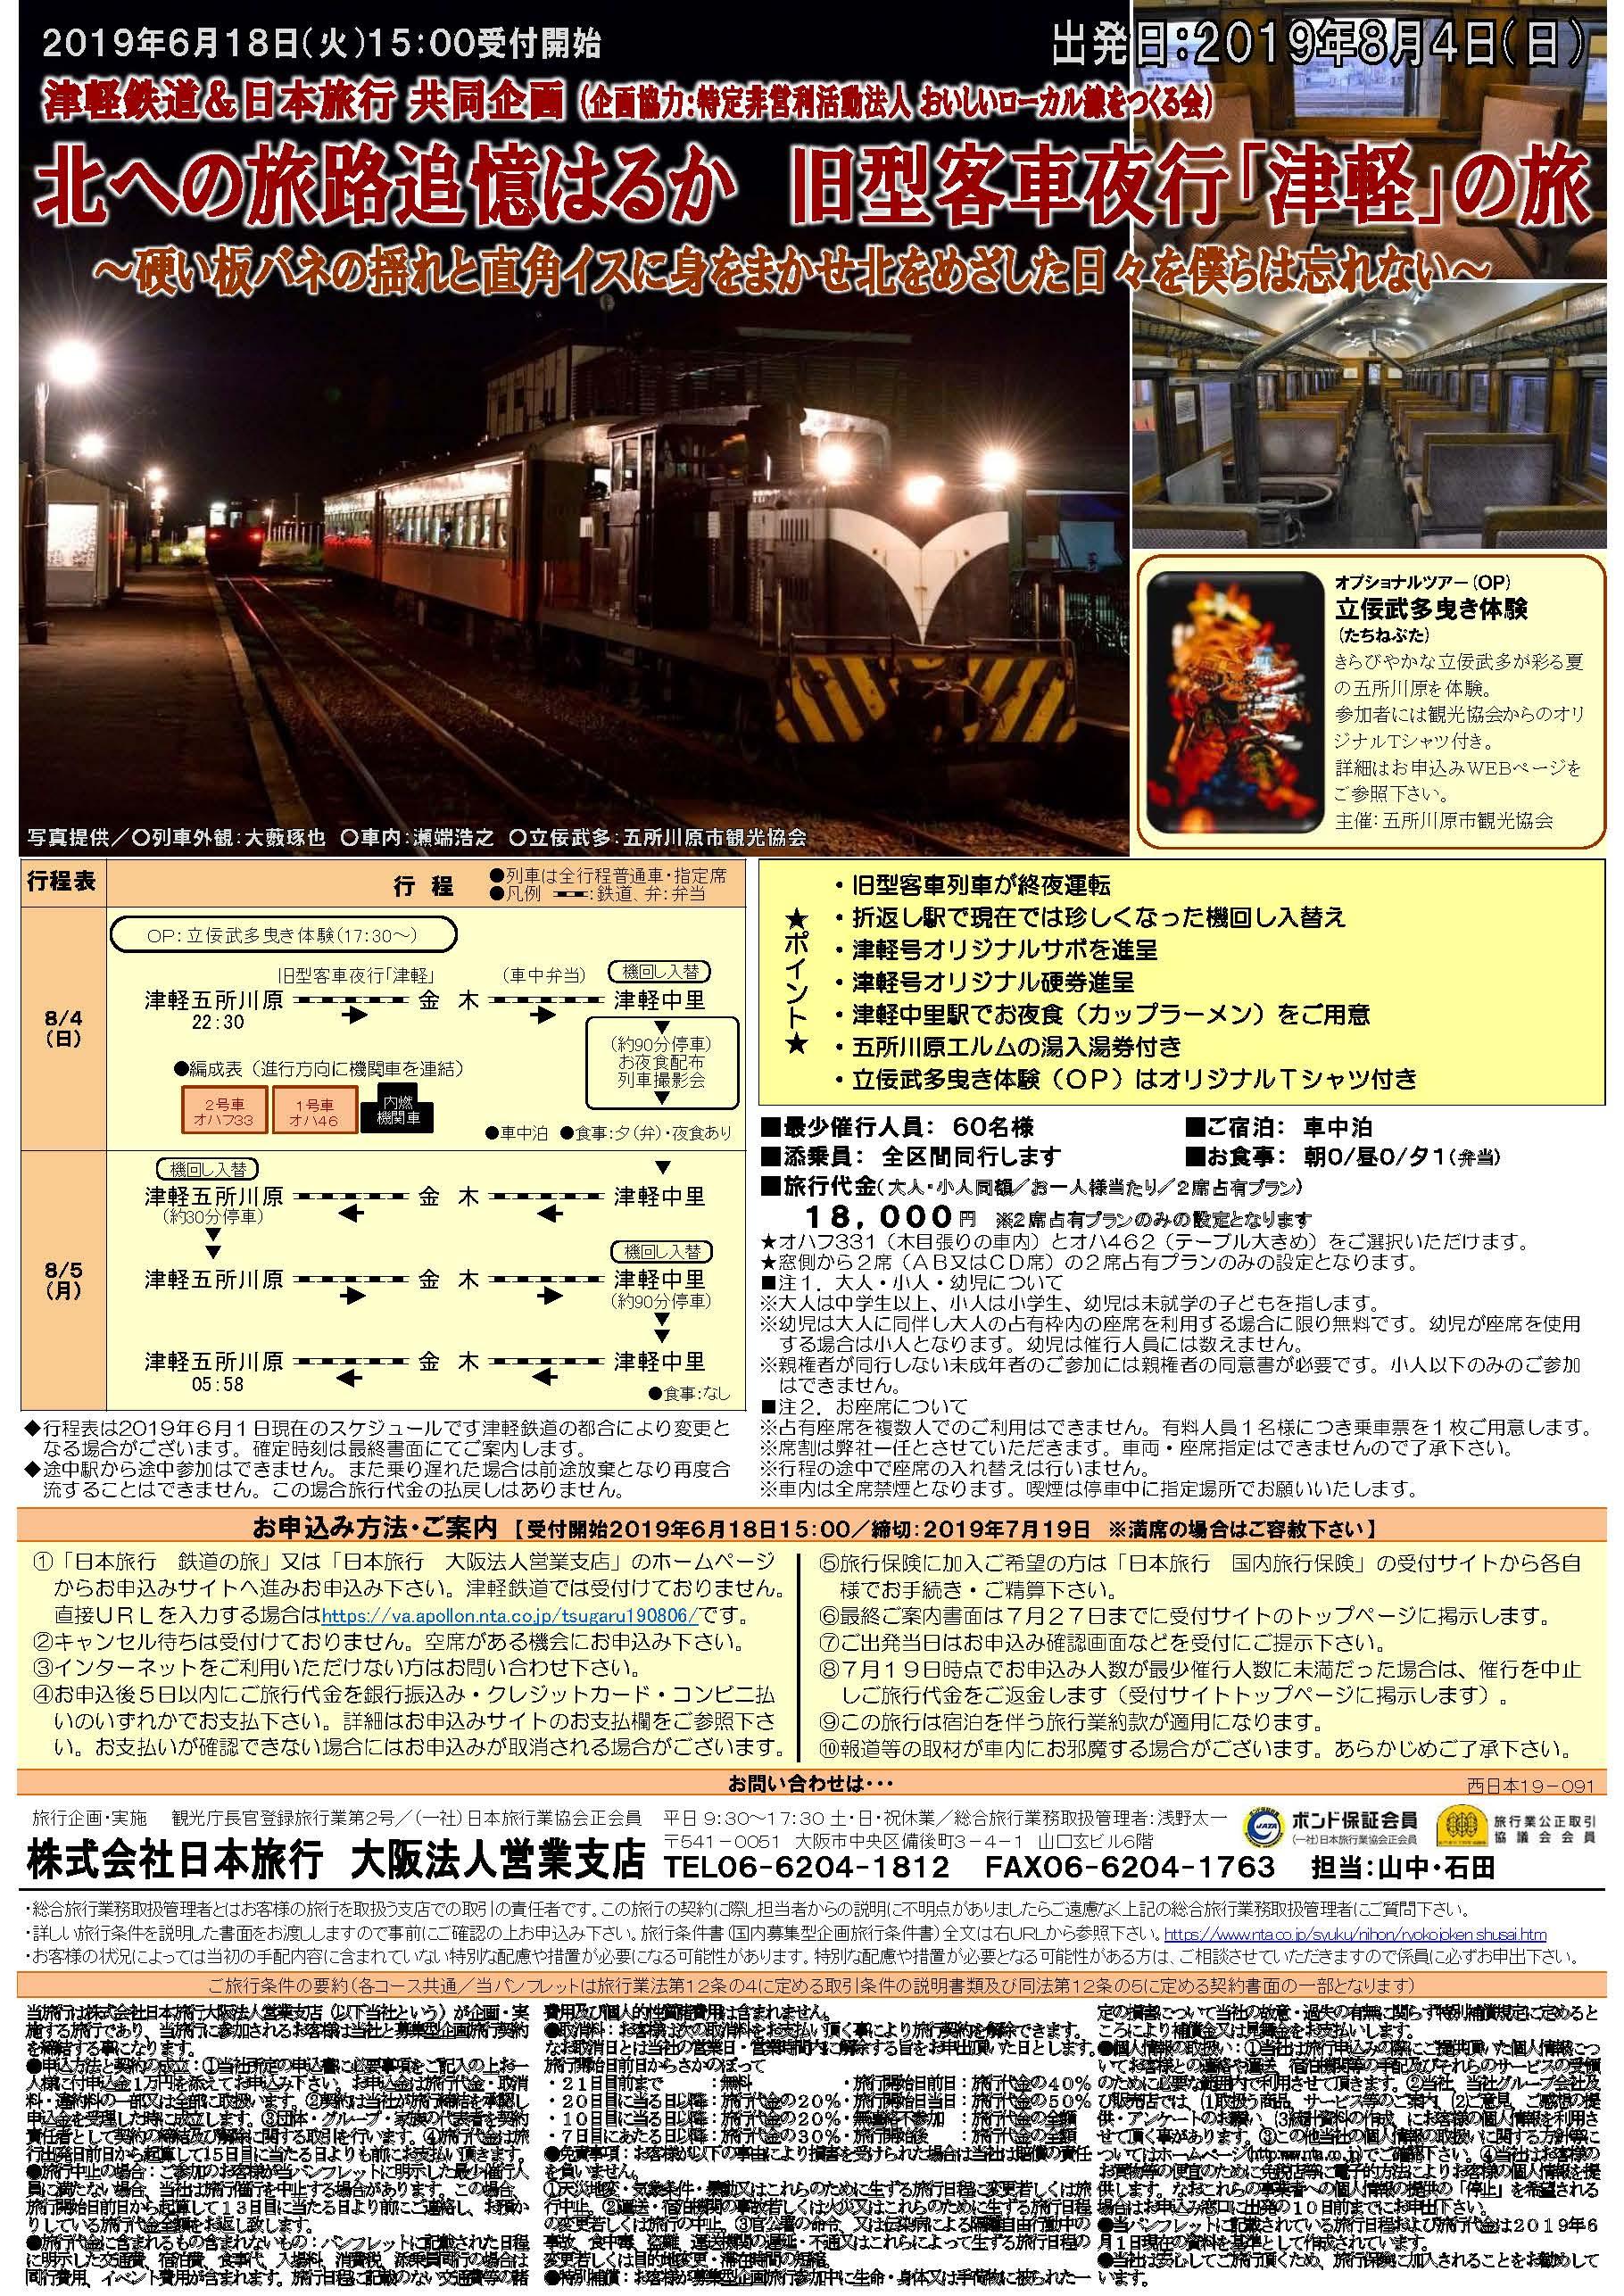 津軽鉄道で旧型客車の夜行列車ツアーを企画しました。